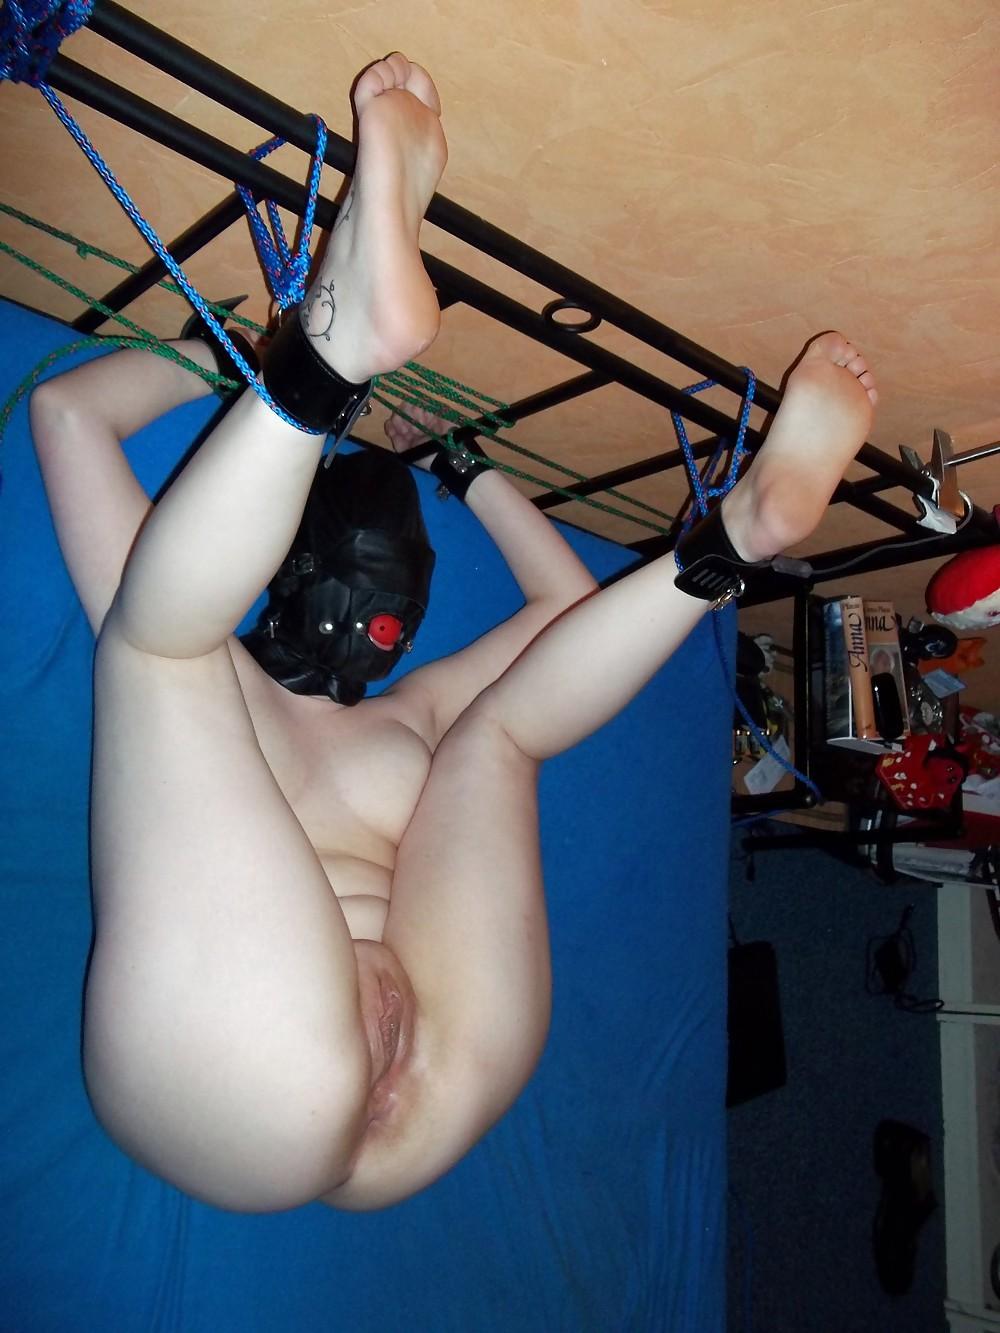 Homemade bondage